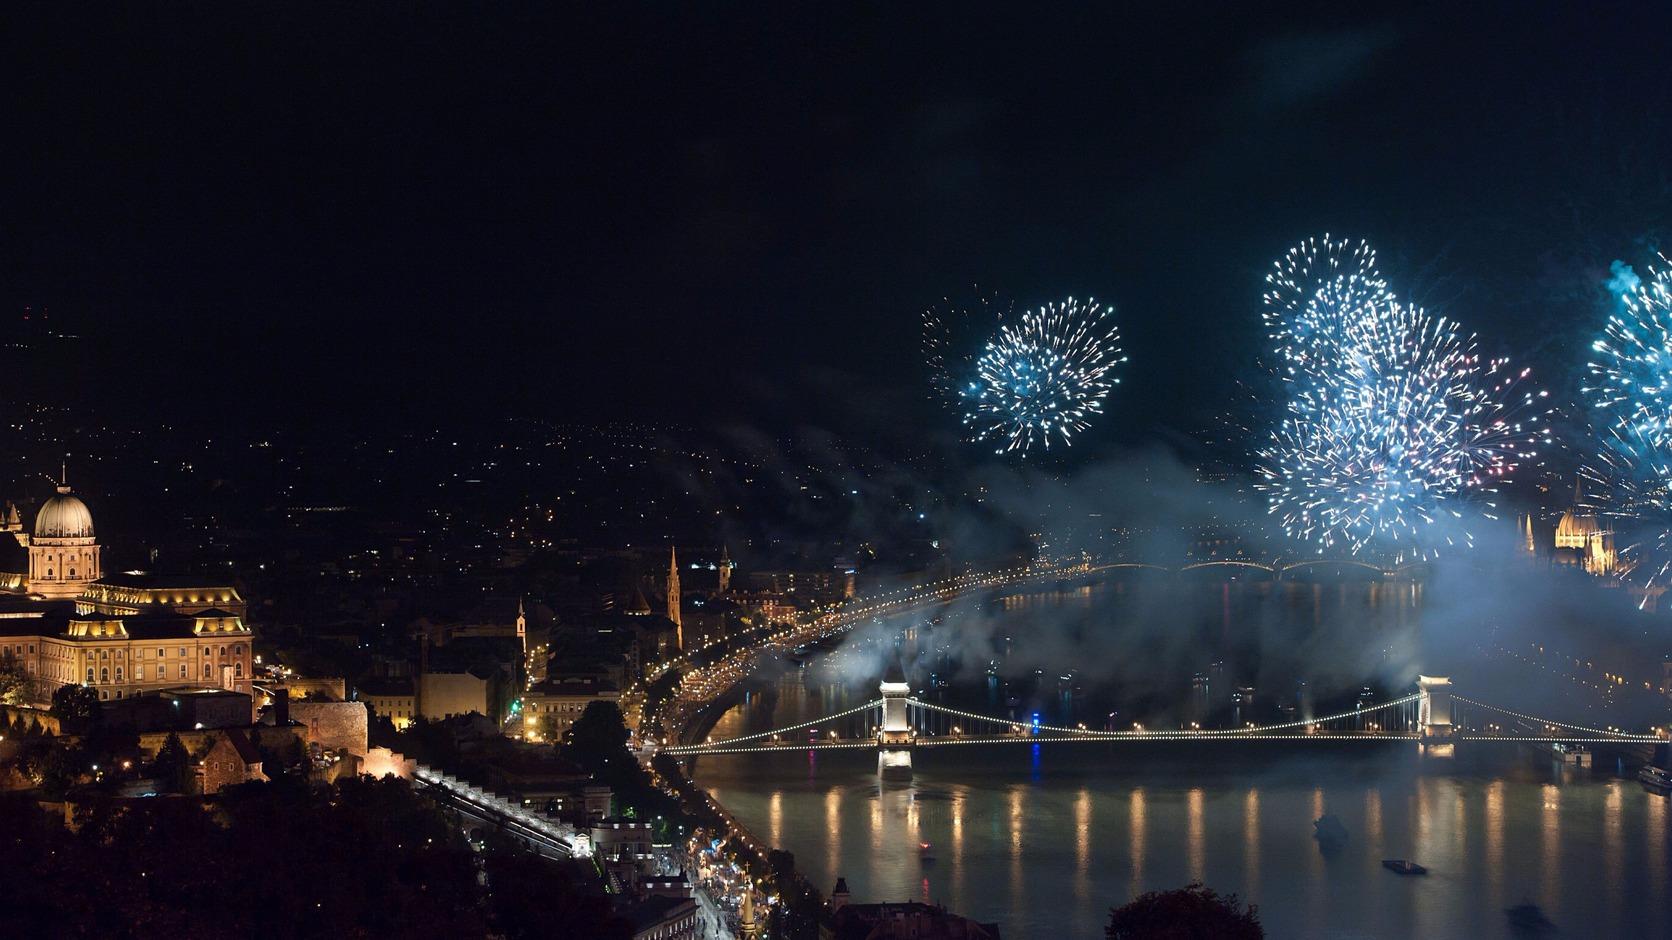 Budapest, 2016. augusztus 20. Ünnepi tűzijáték a Duna felett Budapesten 2016. augusztus 20-án, a nemzeti ünnepen. MTI Fotó: Lakatos Péter